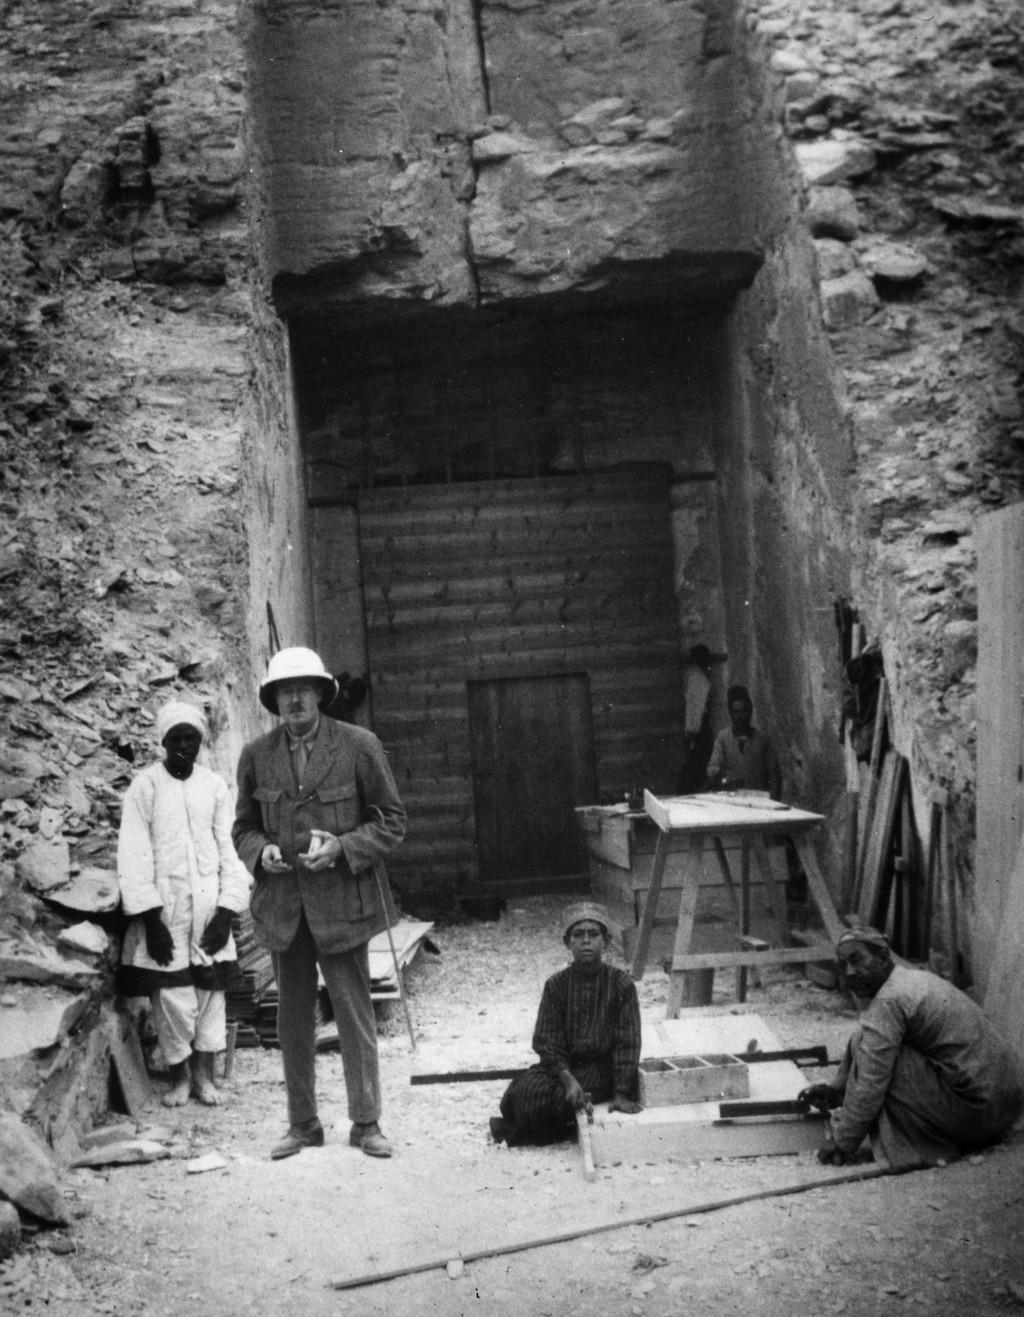 Před Tutanchamonovou hrobkou